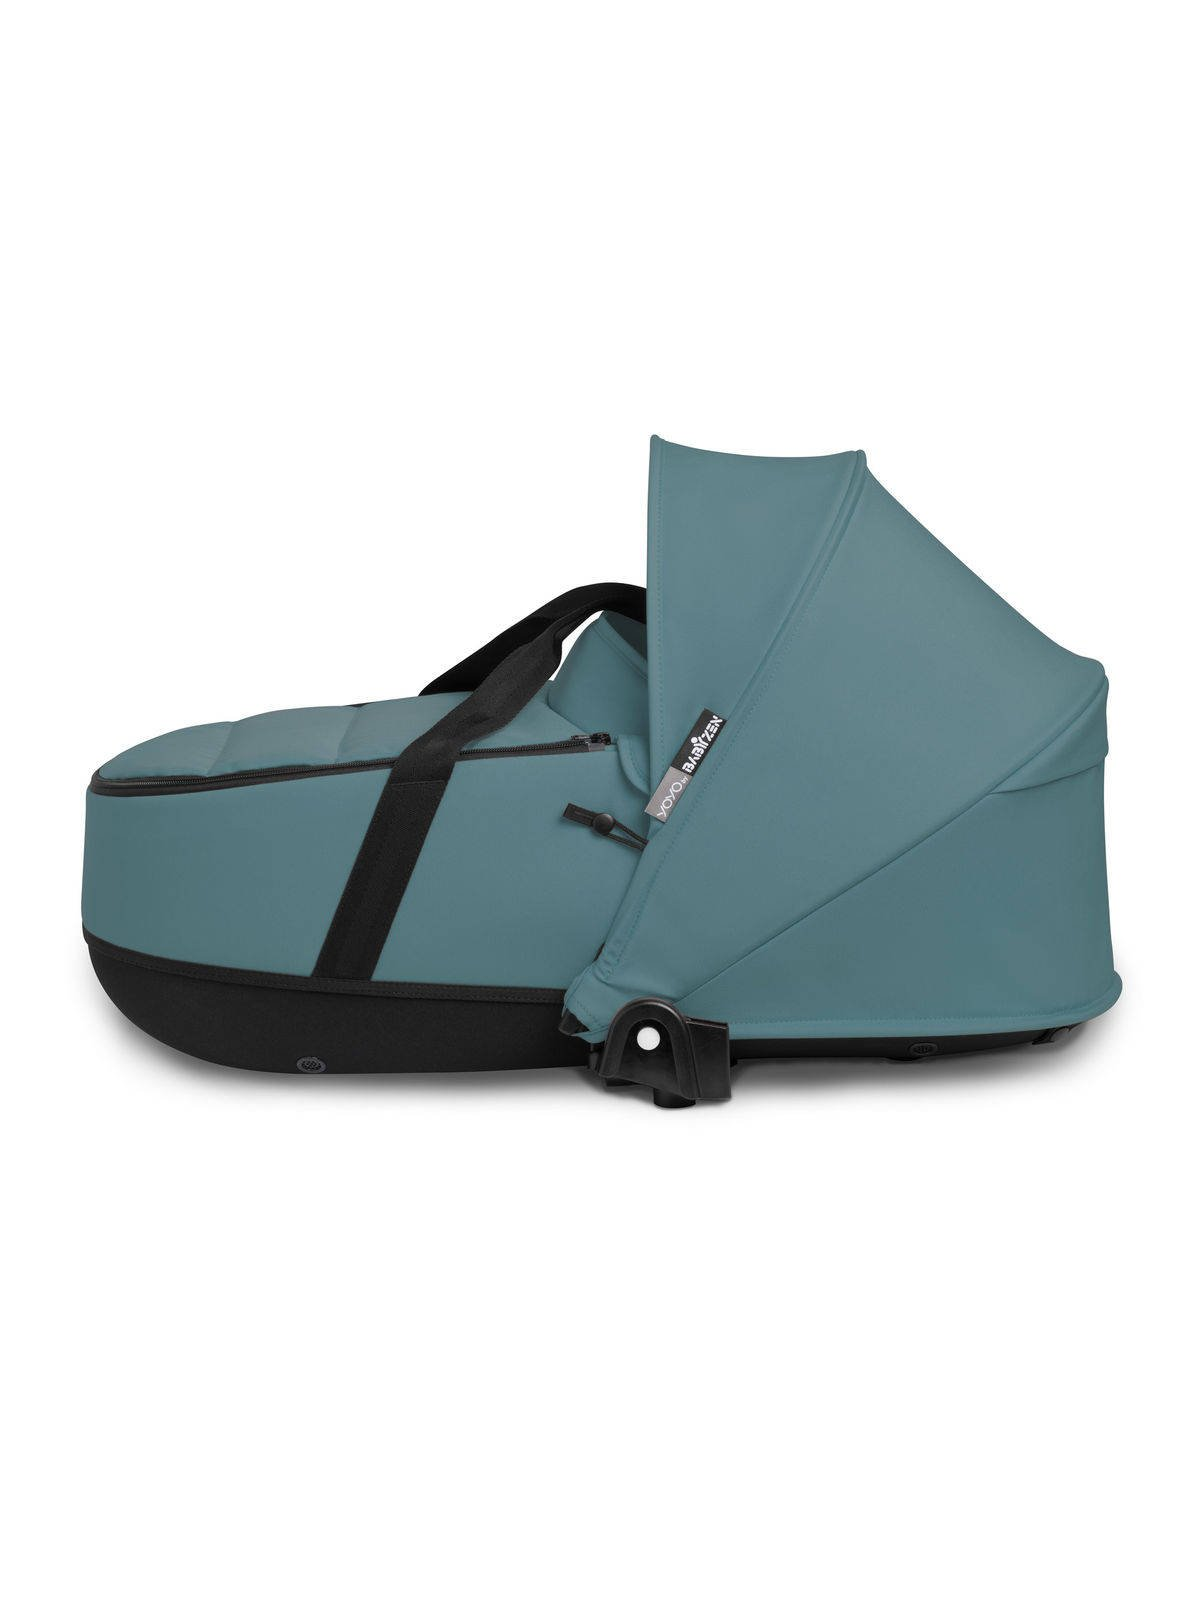 BABYZEN YOYO² - kompletny zestaw biała rama/gondola/tapicerka 6+ - Aqua